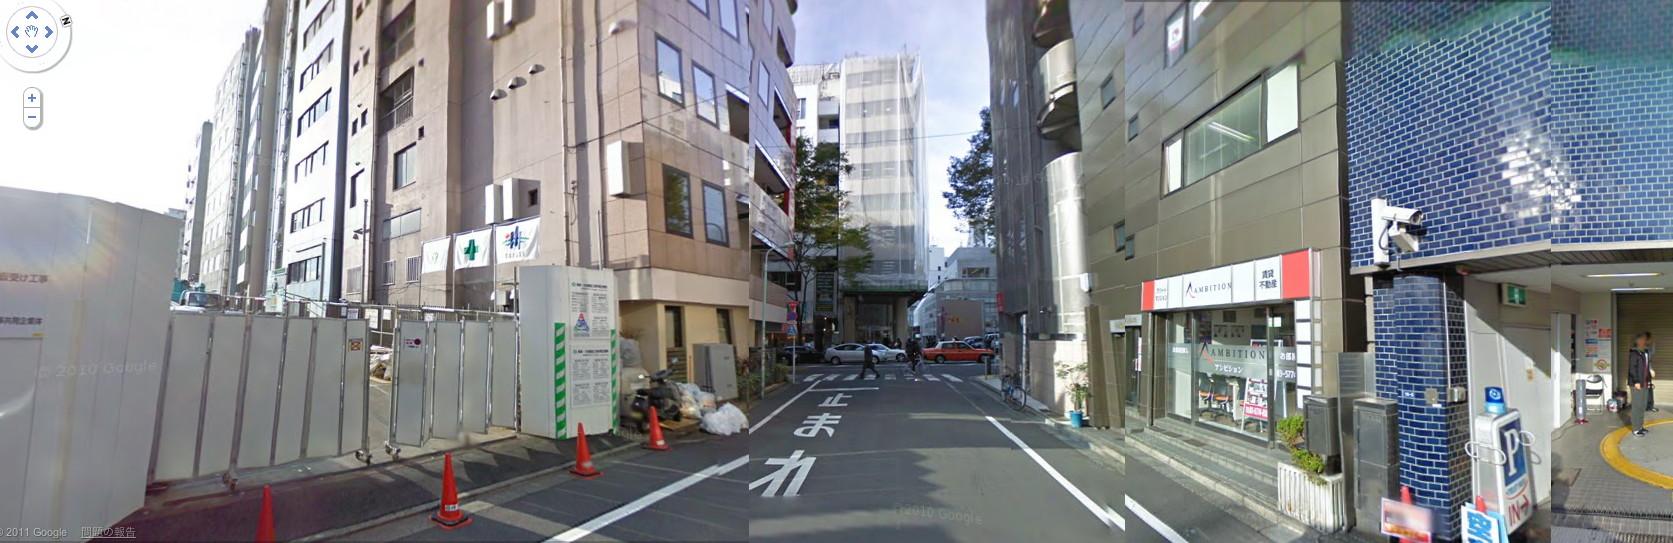 銀座線はどこで地下に潜るか。渋谷現地レポ2011.05_c0070938_1125212.jpg